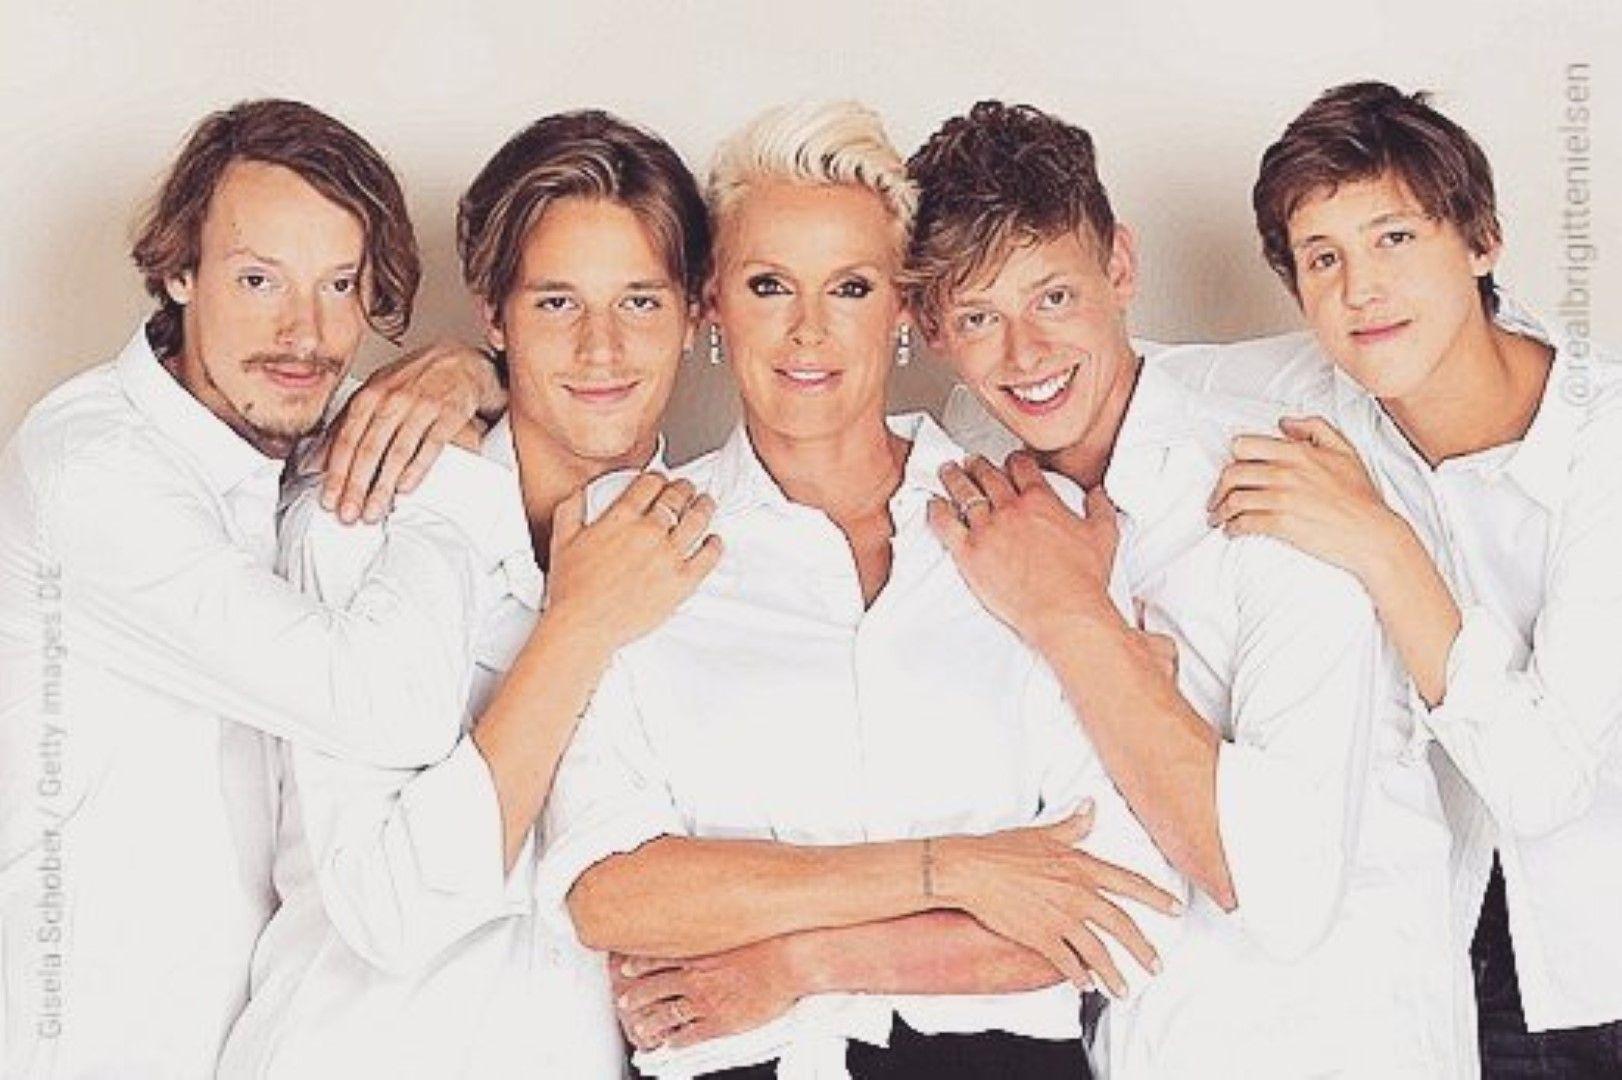 Бригите Нилсен със синовете си